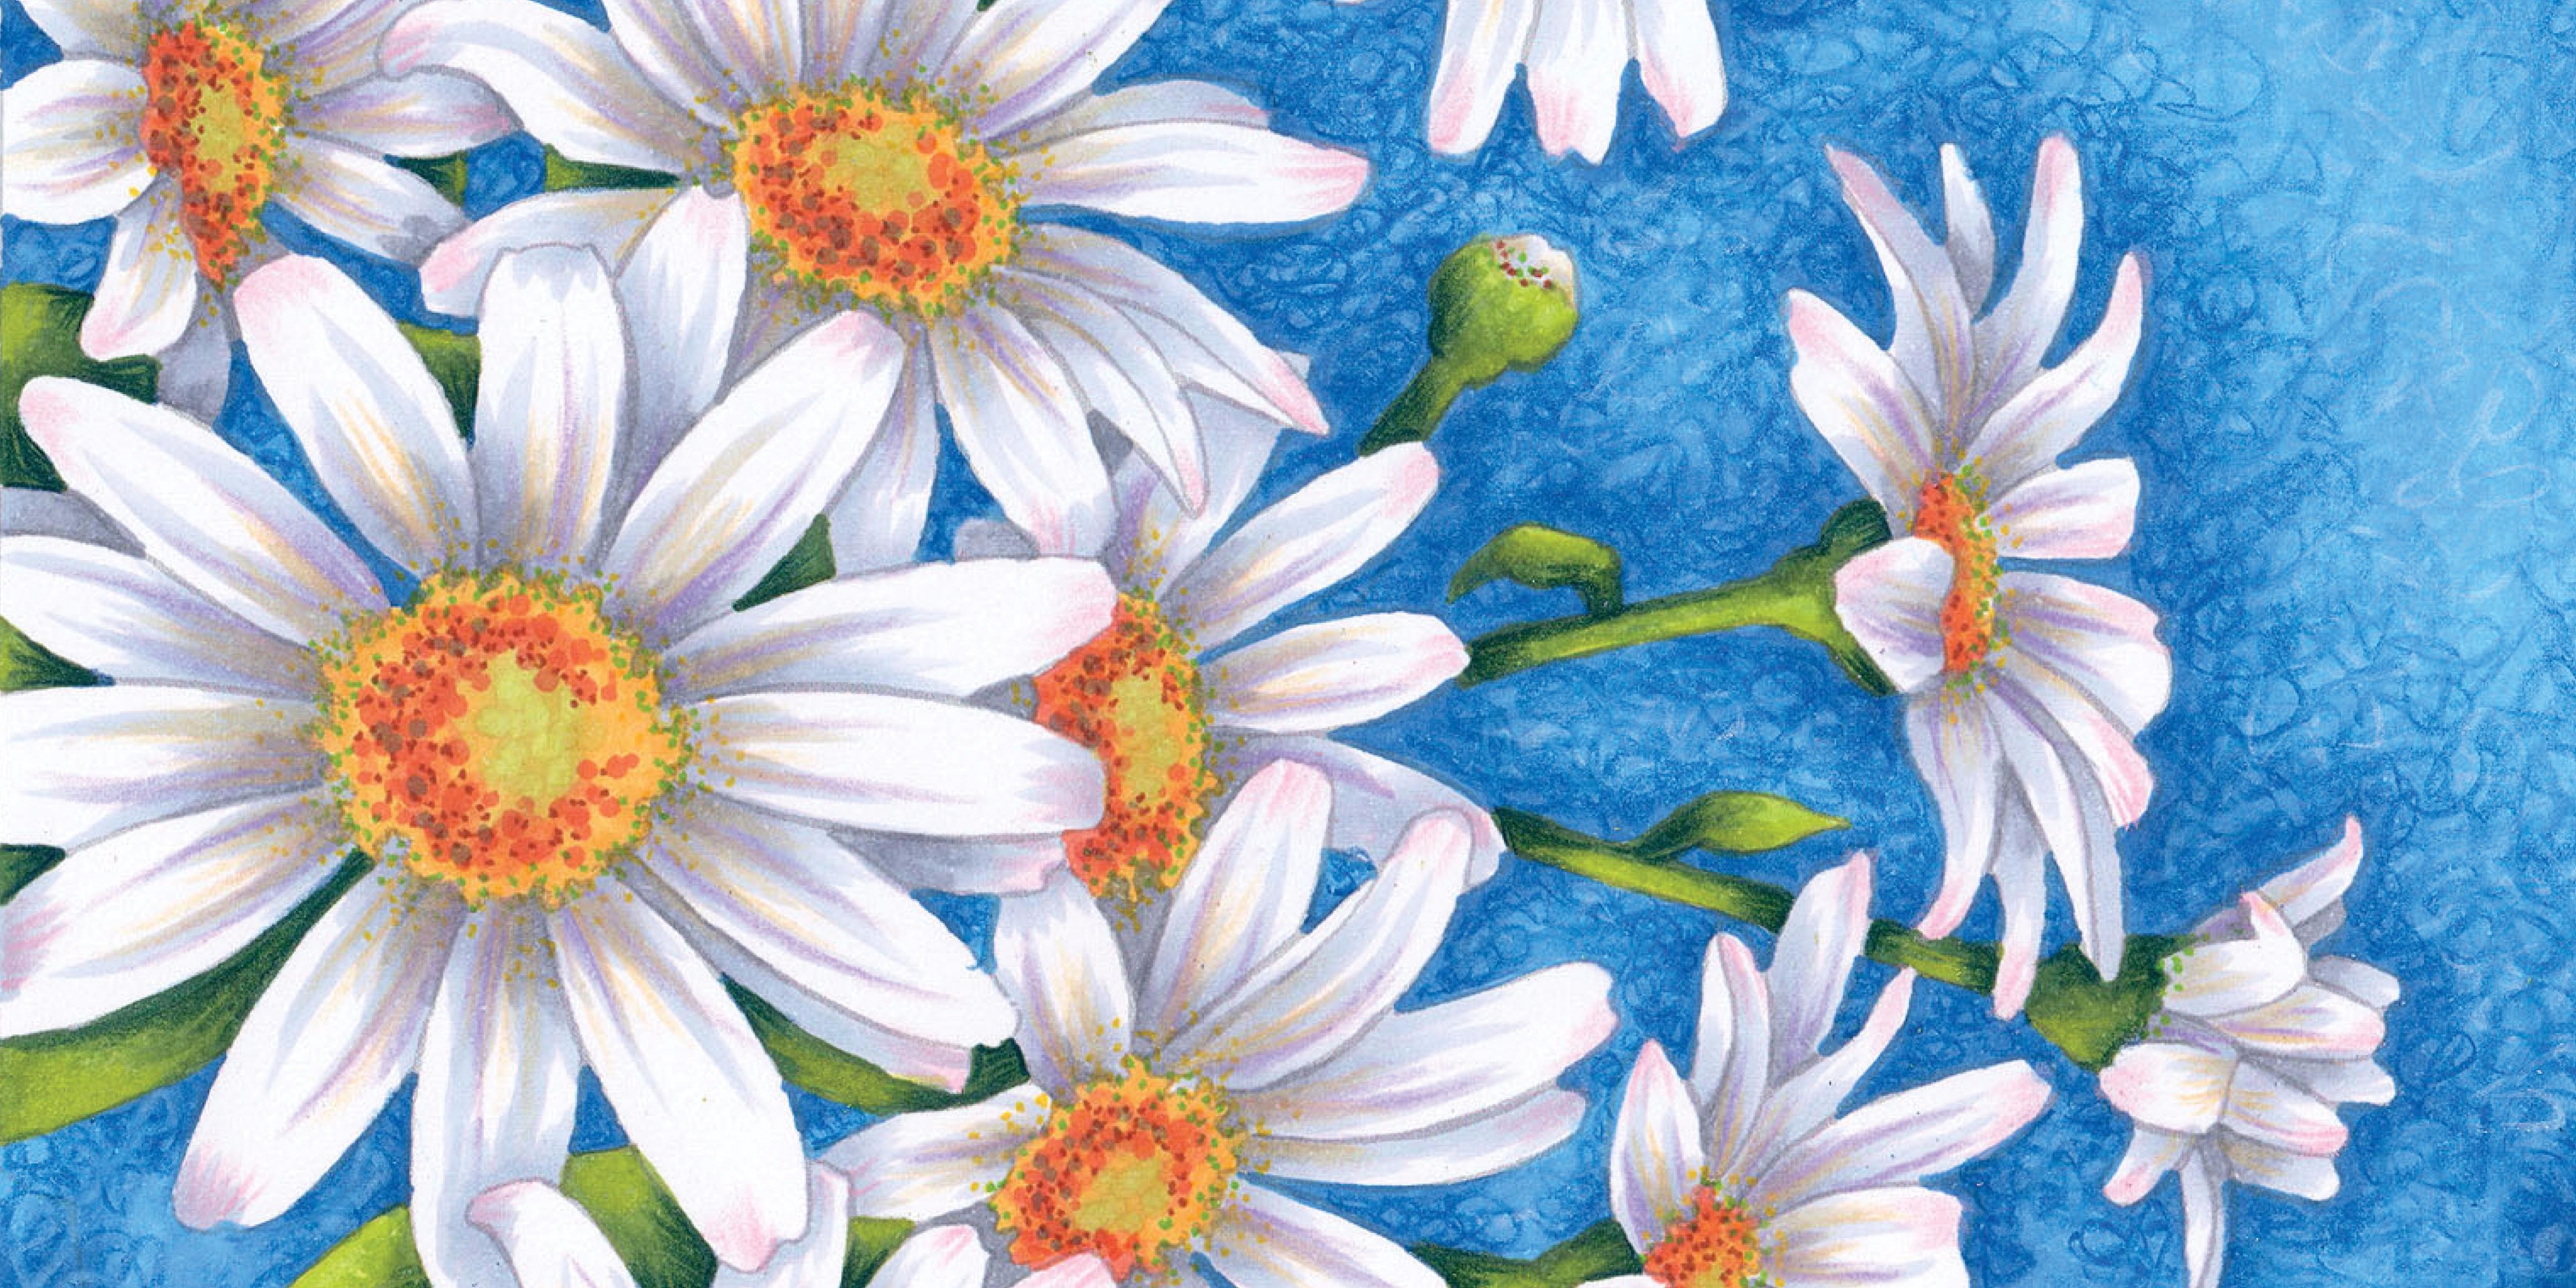 Marker Painting Basics Oopsie Daisy Vanilla Arts Company